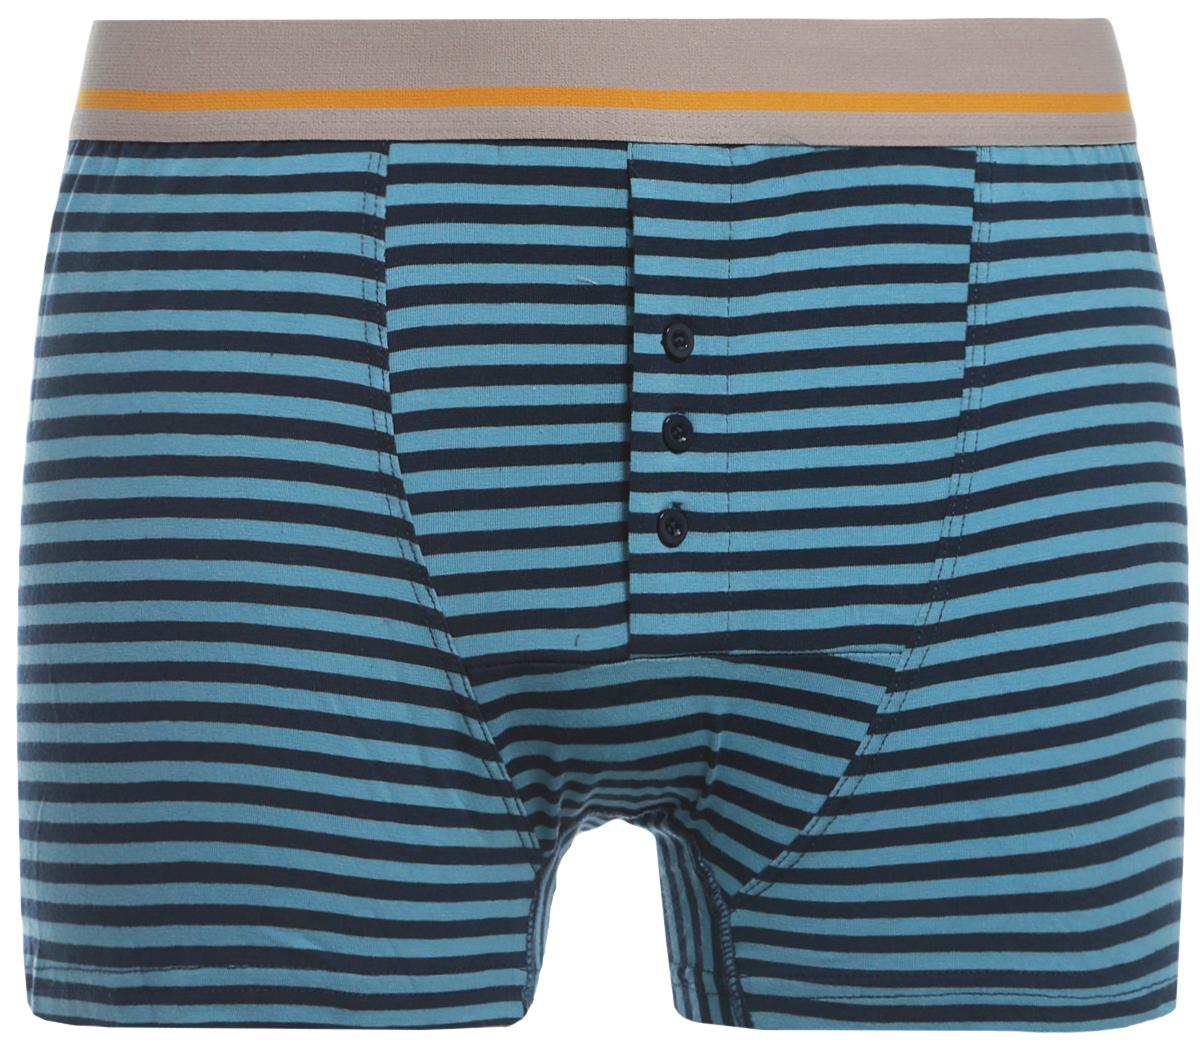 Трусы-боксеры мужские Sela, цвет: голубой. PUb-253/217-8132. Размер XS (44)PUb-253/217-8132Классические трусы-боксеры от Sela с контрастными полосками изготовлены из натуральной хлопковой ткани с добавлением эластана. У белья анатомический крой, благодаря которому достигается высокий уровень комфорта при носке. Трусы плотно облегают фигуру, не стесняя движений, и имеют незаметные плоские швы. Удобная широкая резинка обеспечивает идеальную посадку. Гульфик дополнен пуговицами.